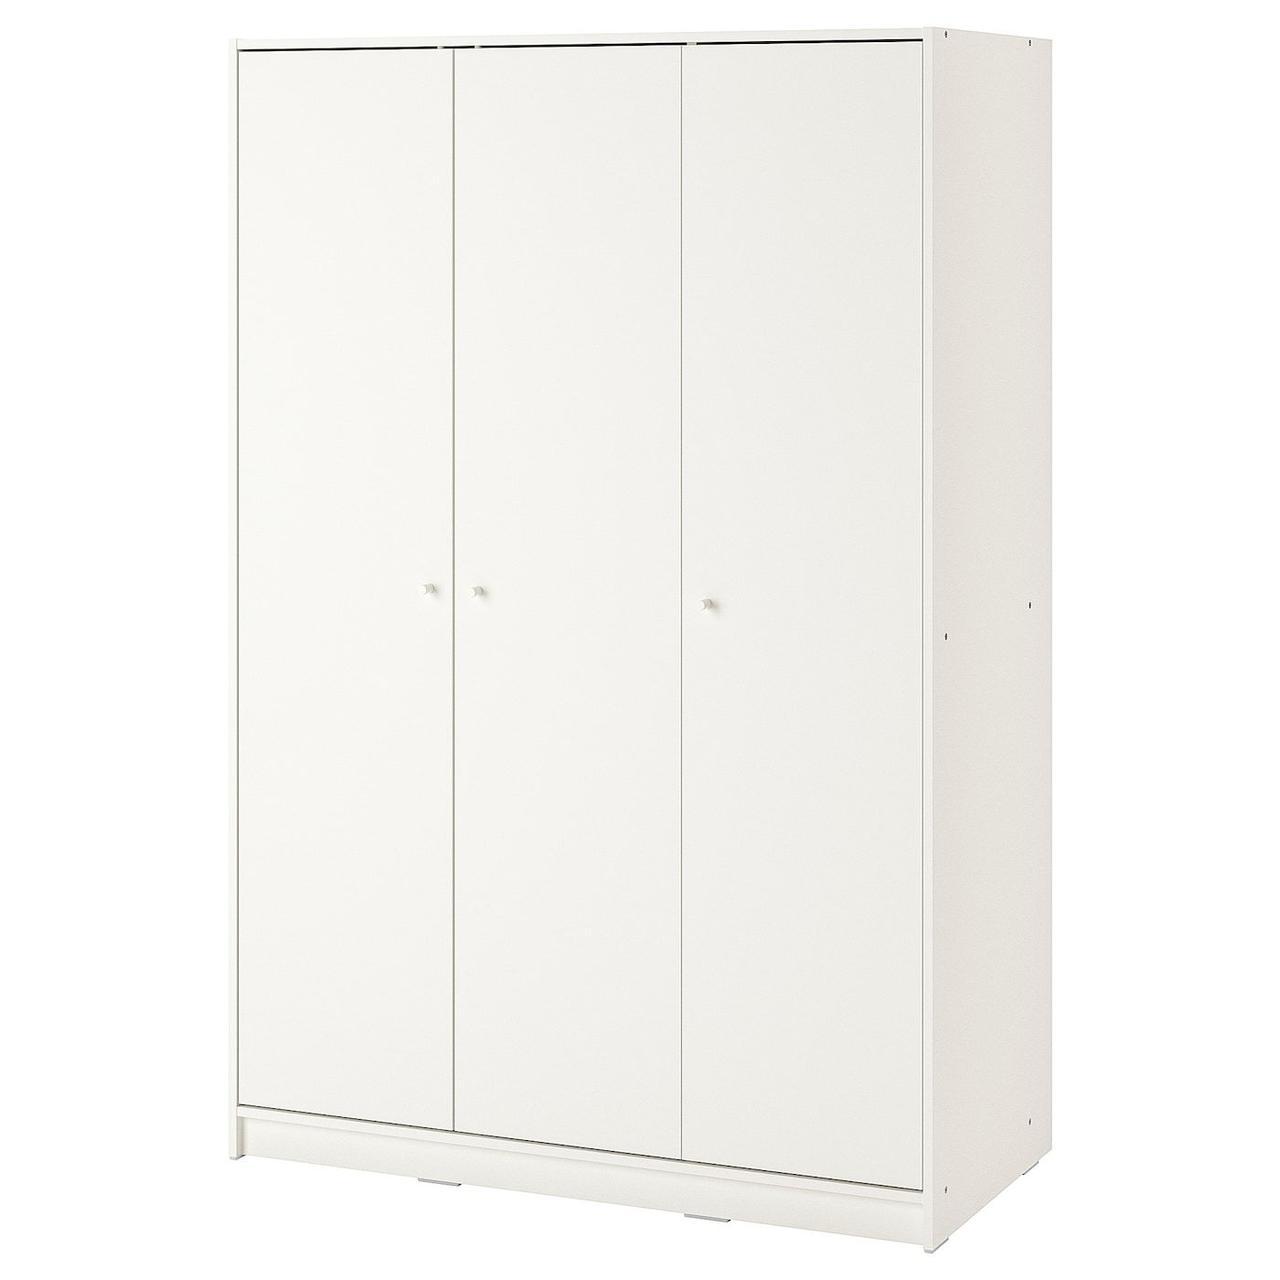 Гардероб 3-дверный KLEPPSTAD Клеппстад, белый117x176 см